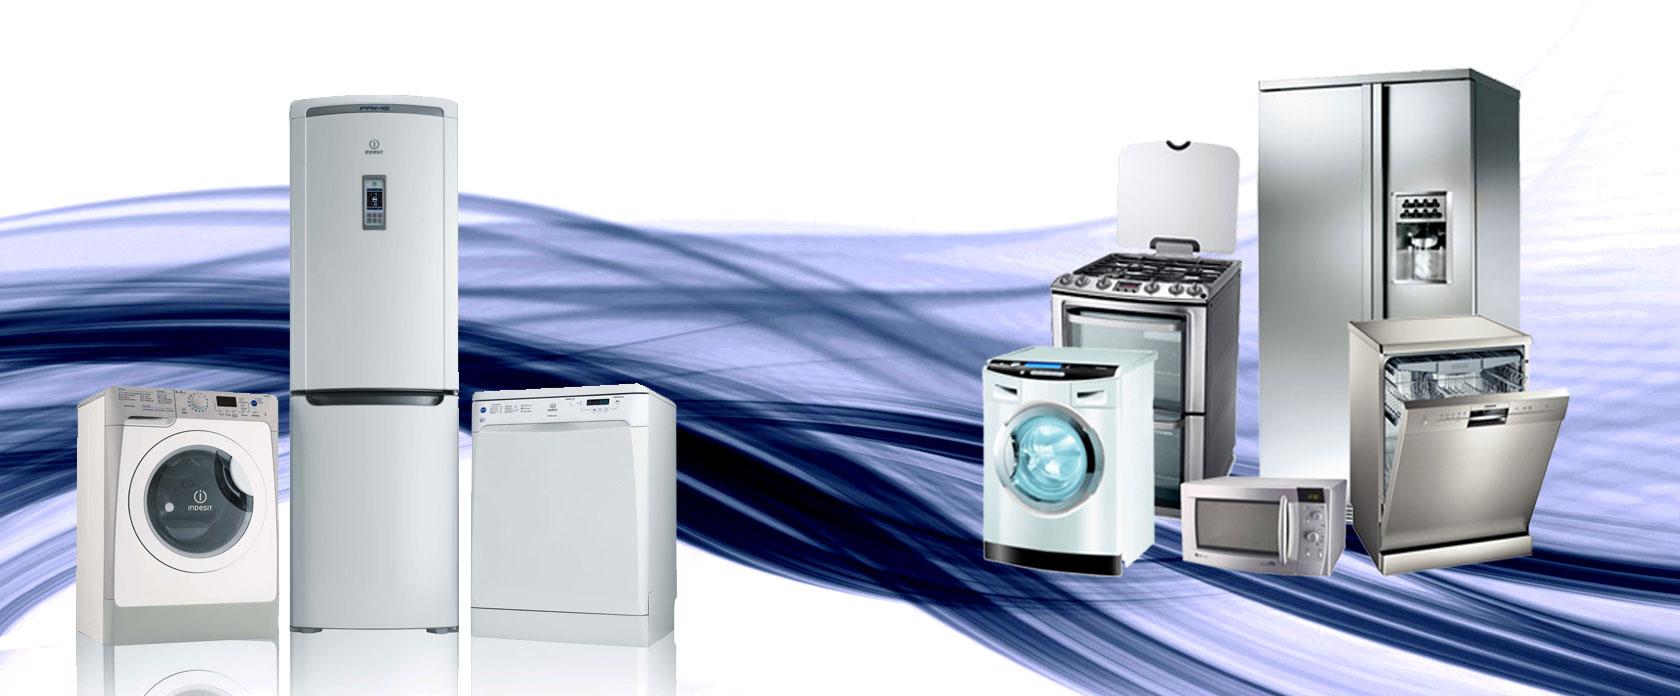 Vendita e installazione elettrodomestici